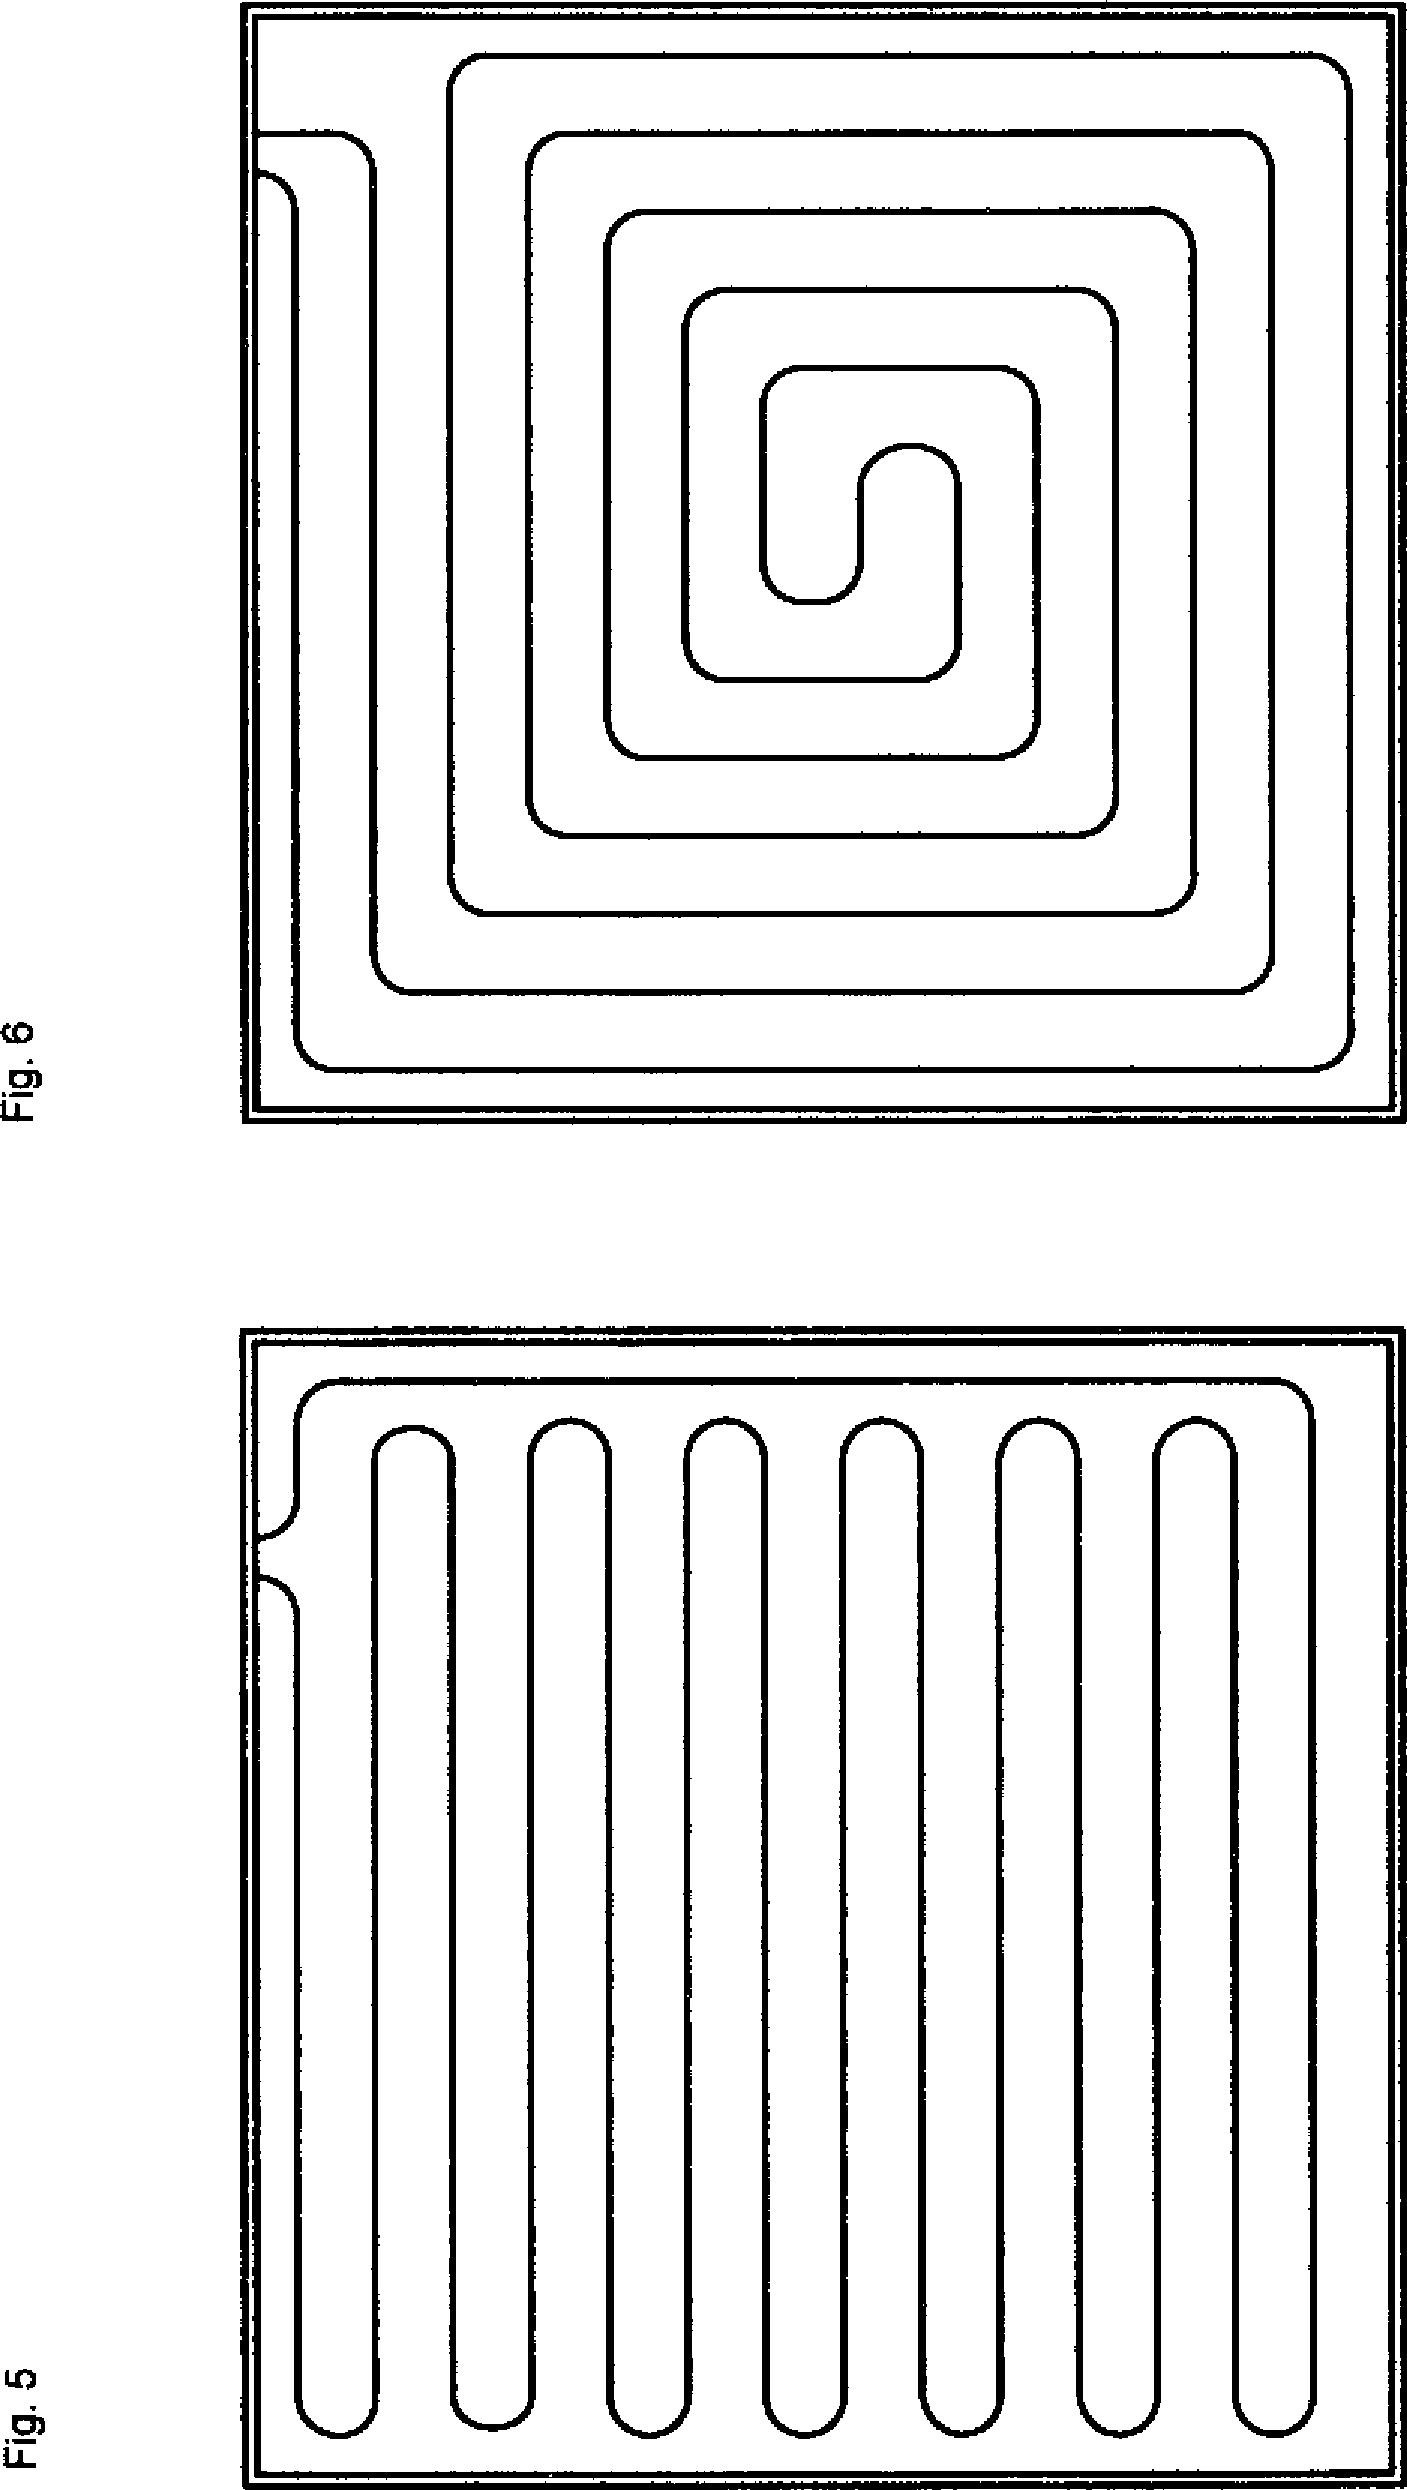 patent de102011008442a1 verlegung und befestigung von w rme bertragungsrohren oder heizkabeln. Black Bedroom Furniture Sets. Home Design Ideas